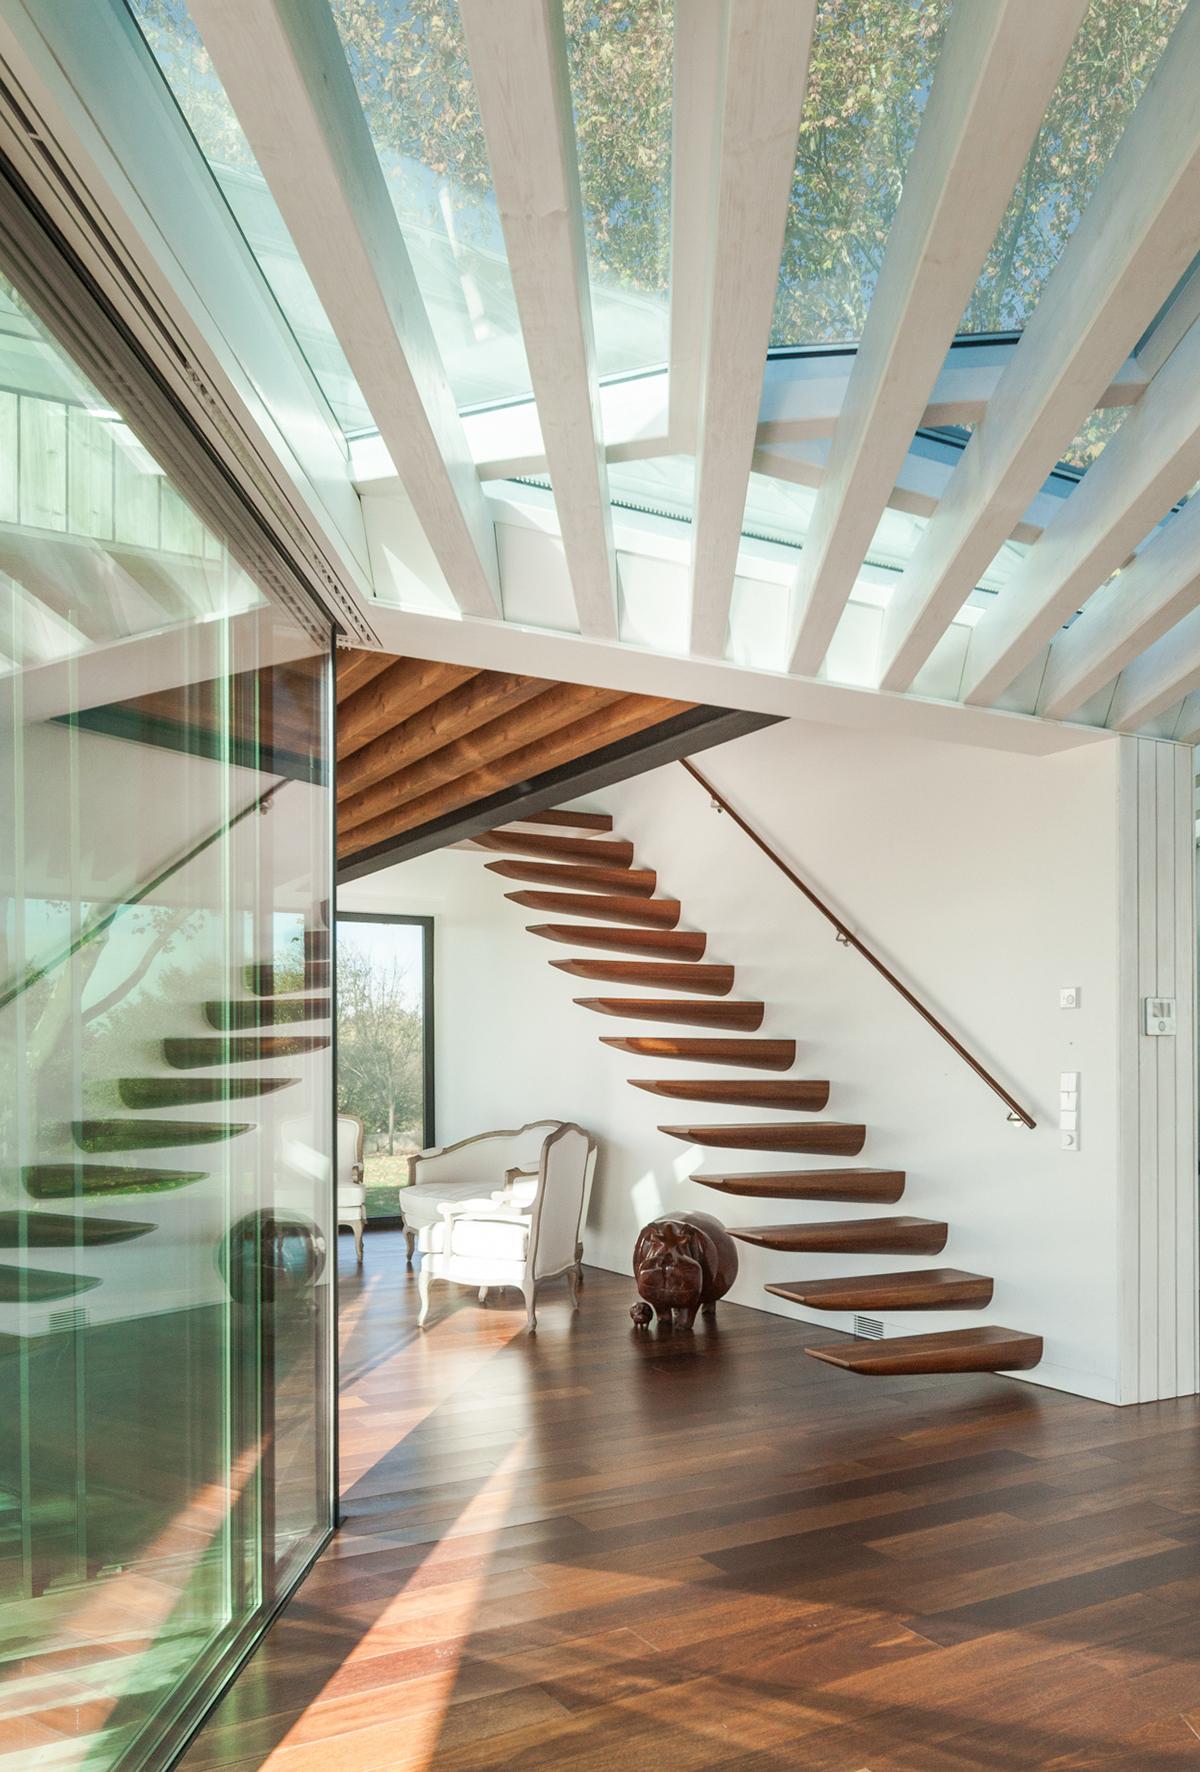 House-Four-Horses-PROD-Arquitectura-Modern-Residential-Houses-KNSTRCT-20.jpg